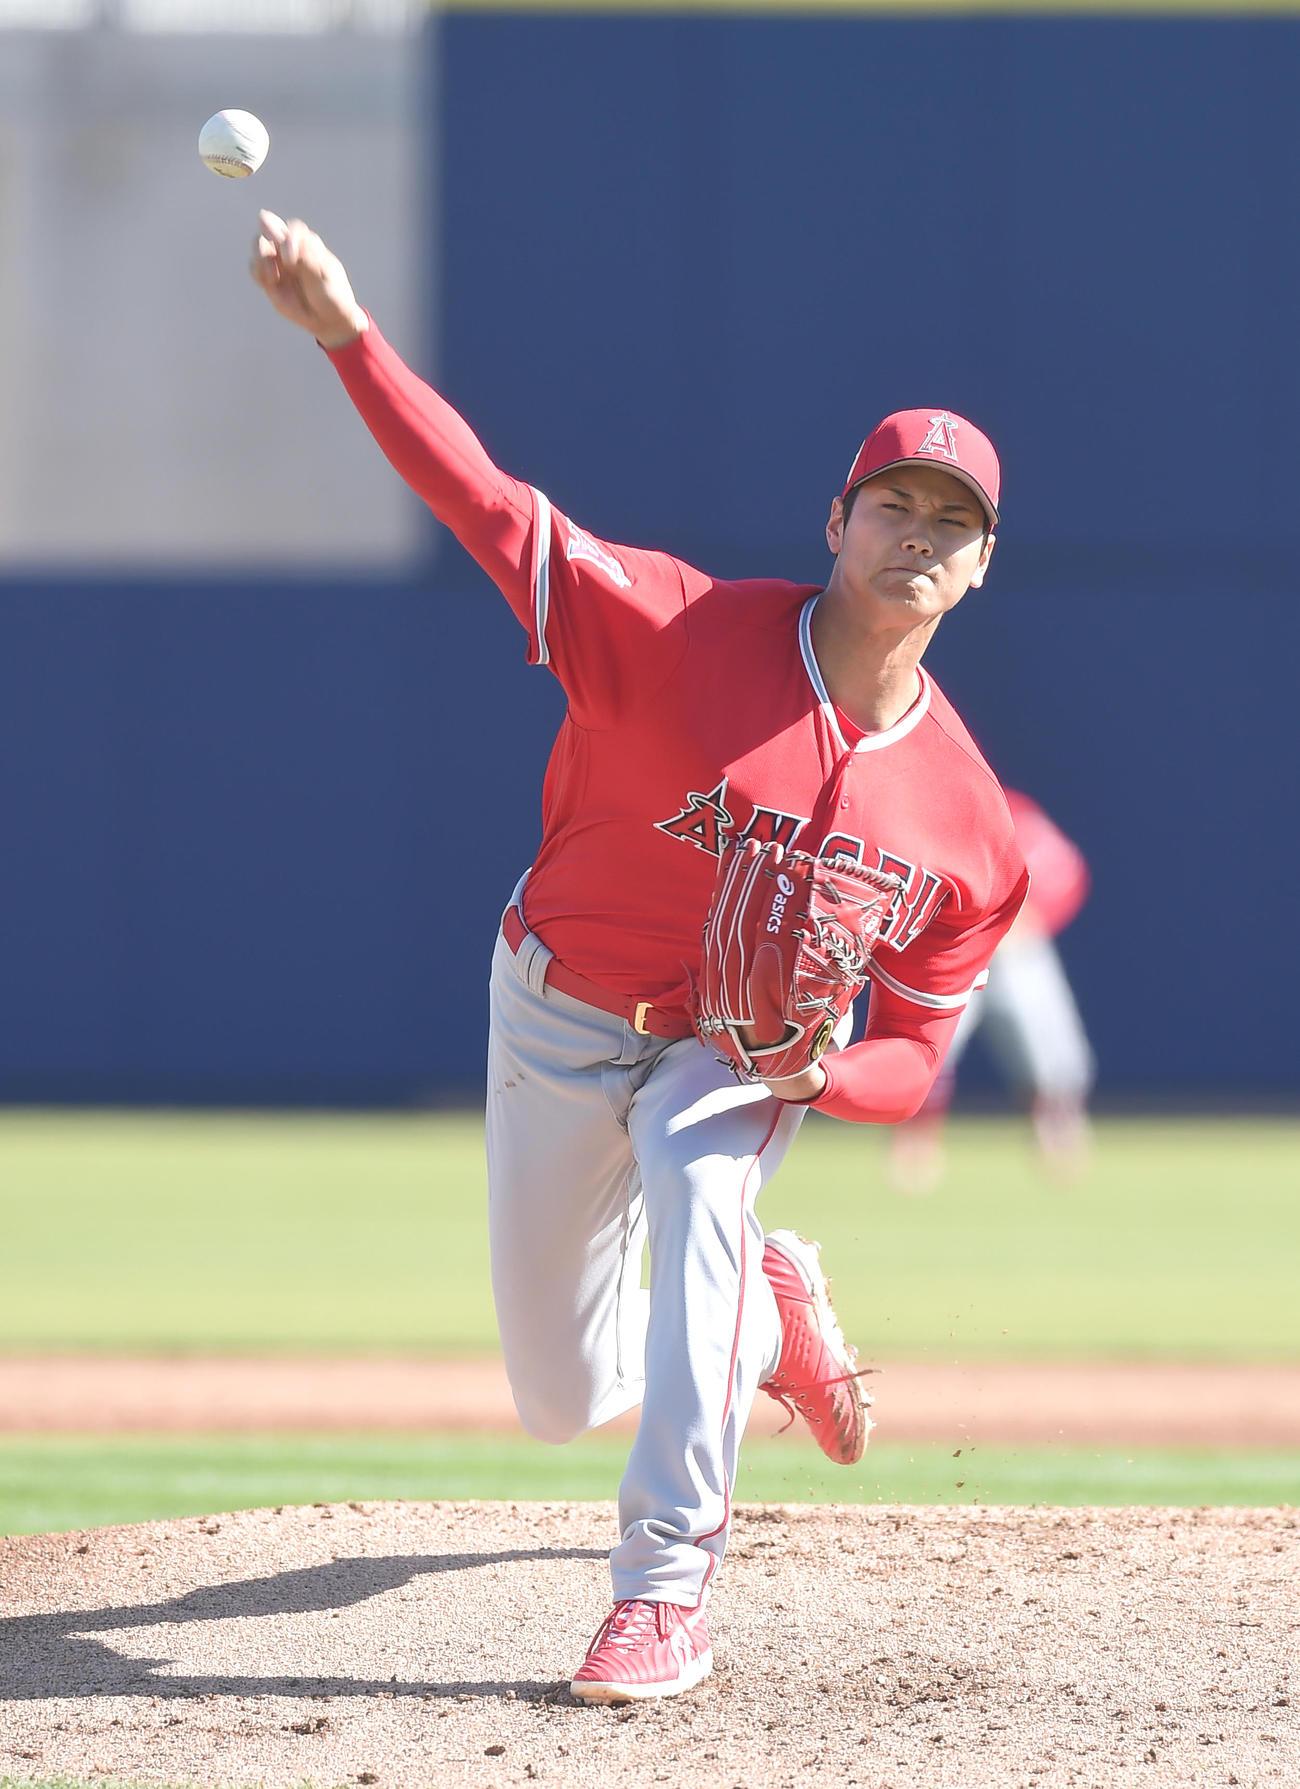 エンゼルス大谷翔平投手(18年3月2日、撮影・菅敏)